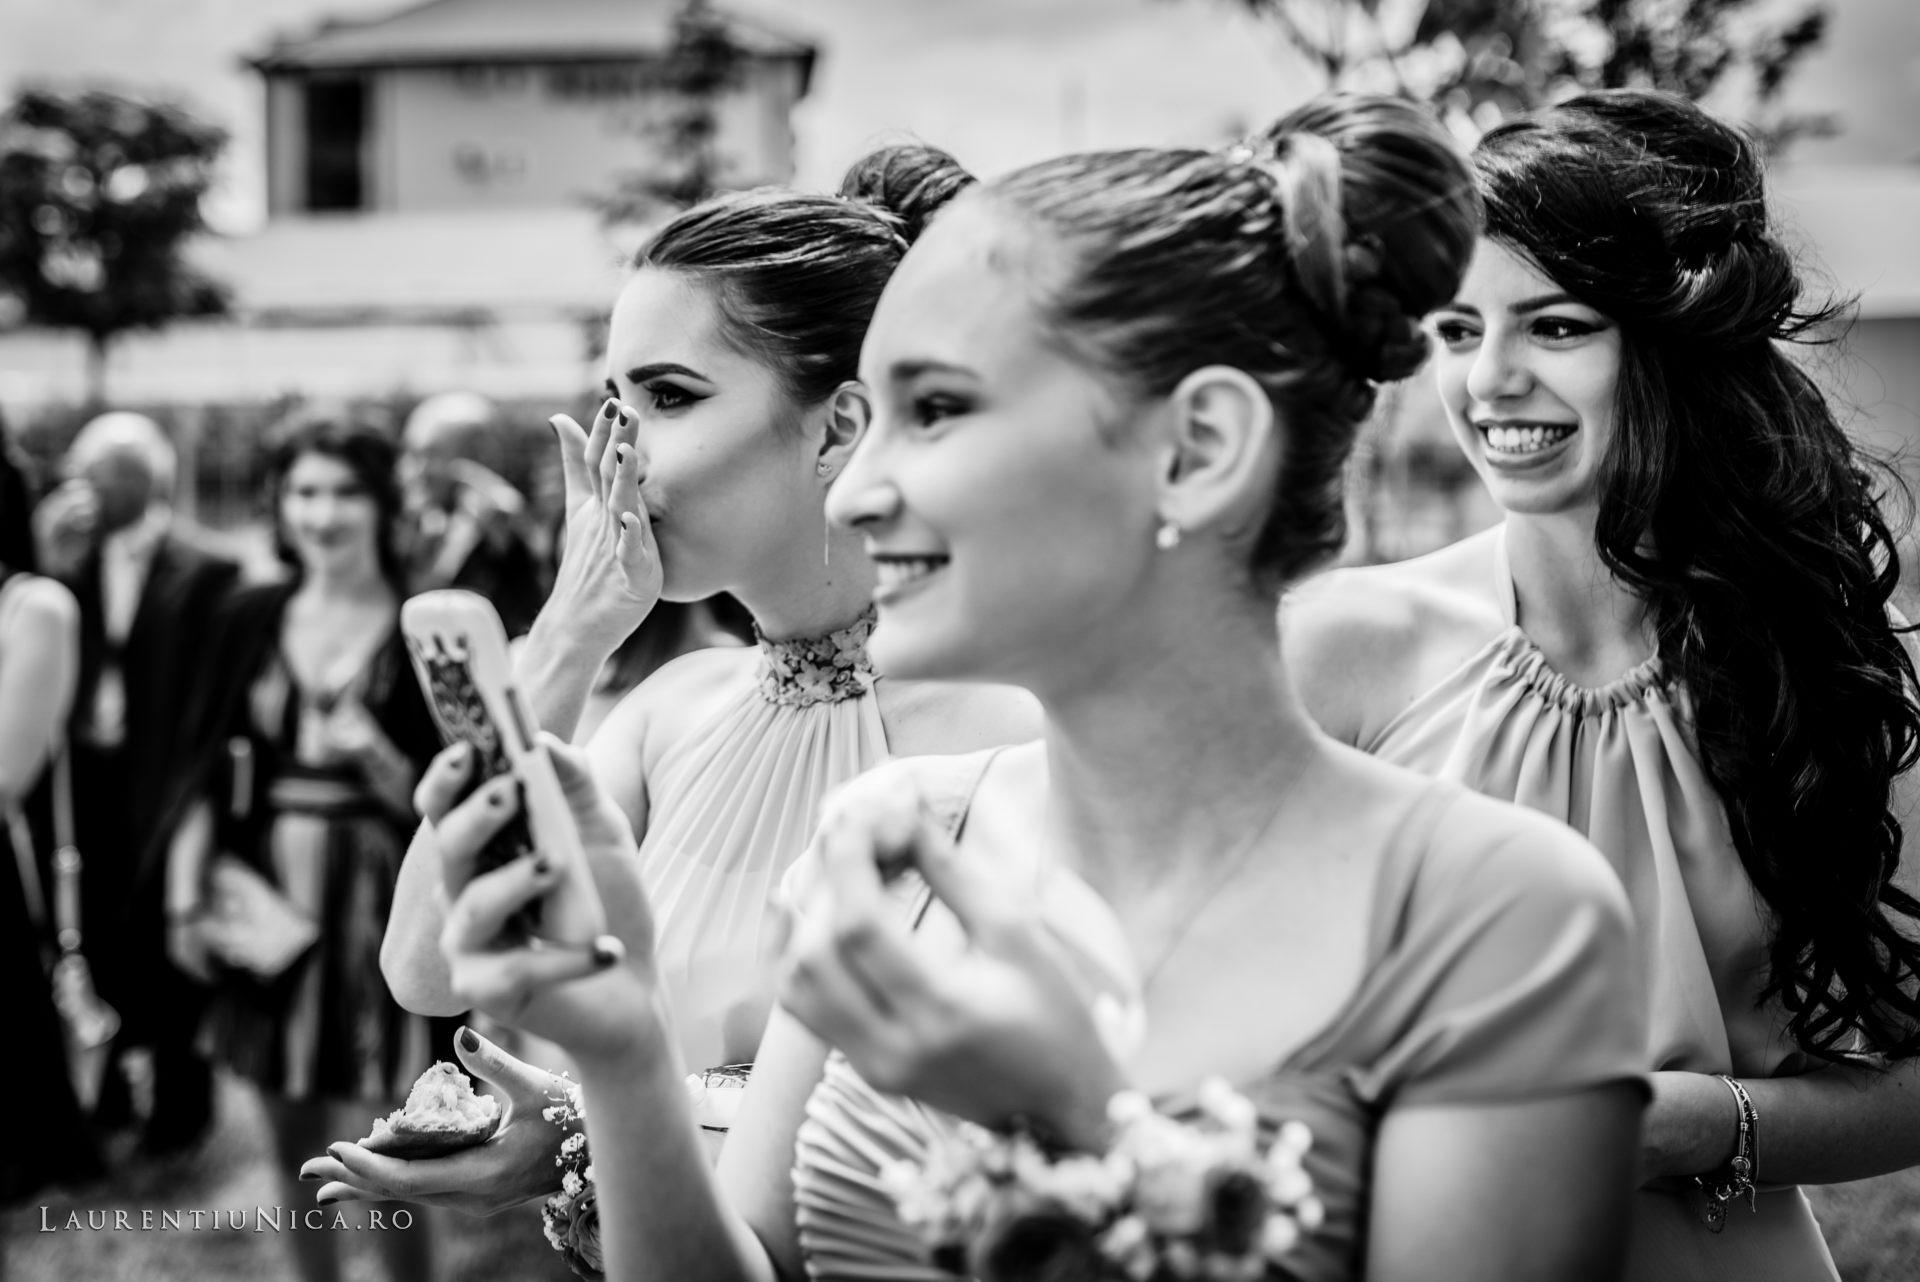 denisa si catalin fotograf nunta laurentiu nica craiova 35 - Denisa si Catalin | Fotografii nunta | Craiova